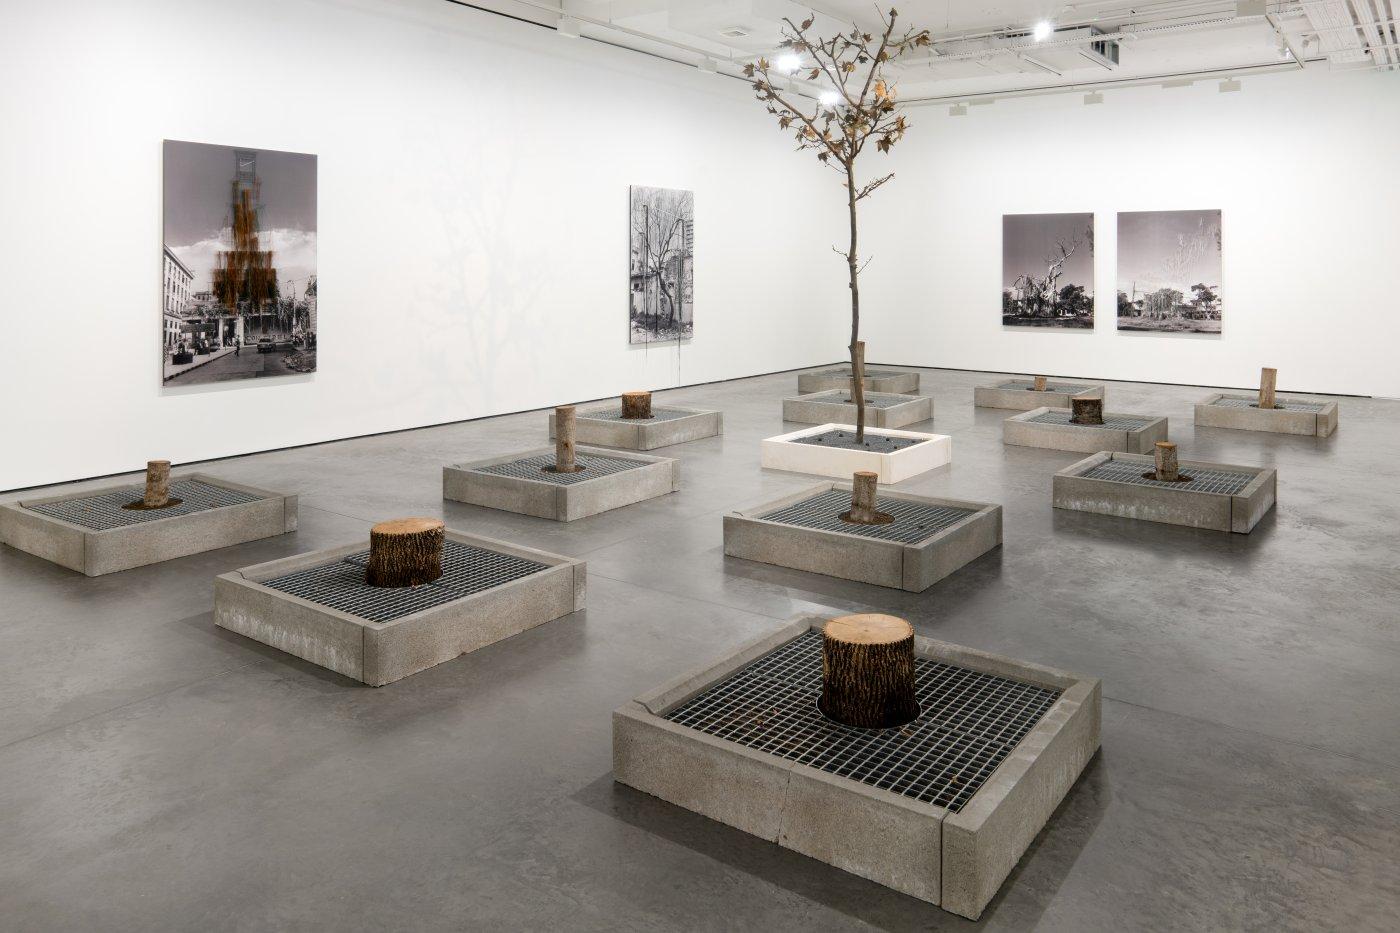 Goodman Gallery Carlos Garaicoa 3